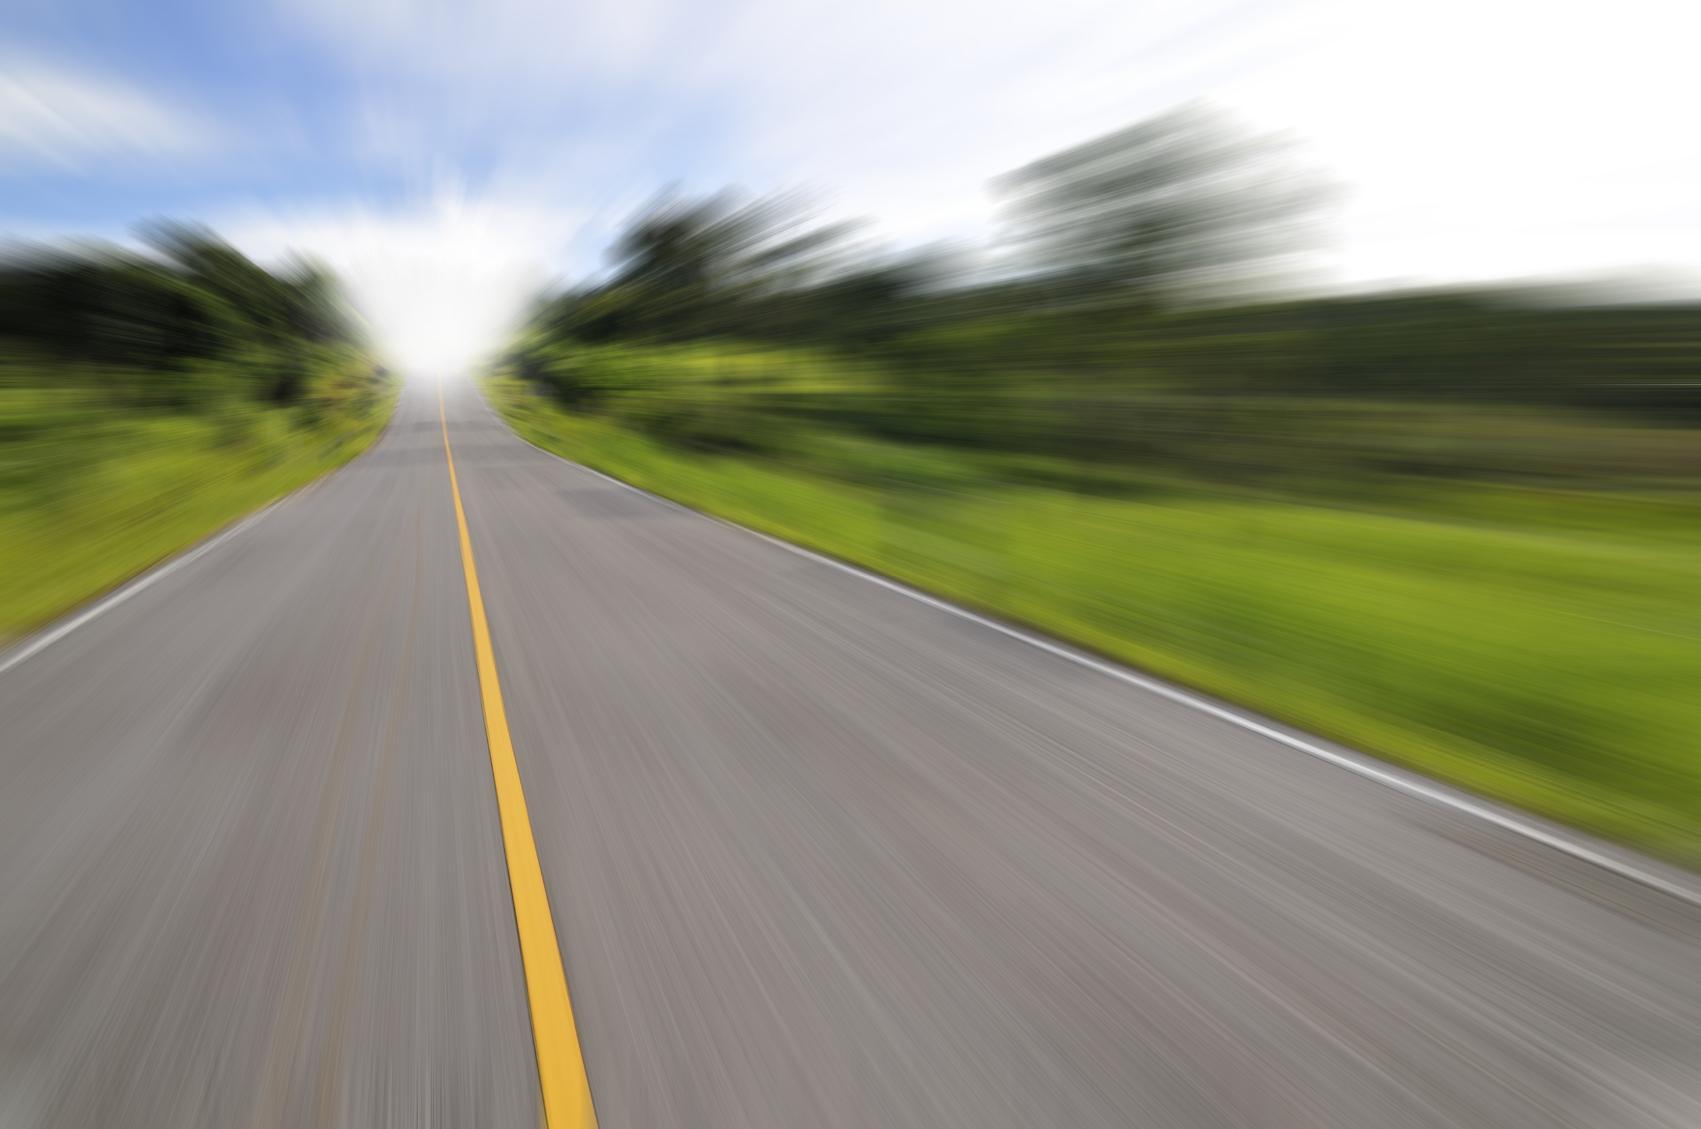 Carretera con prado borrosa